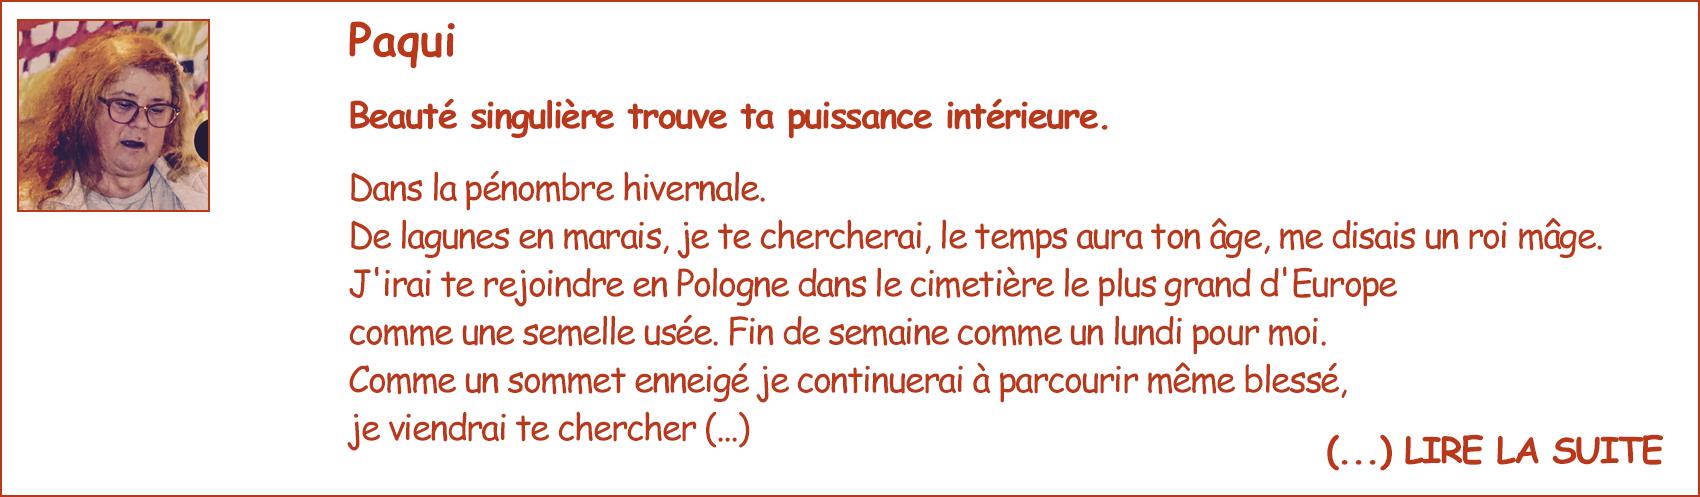 http://slamerie.l.s.f.unblog.fr/files/2021/03/texte-paqui-mars-2021-01.png